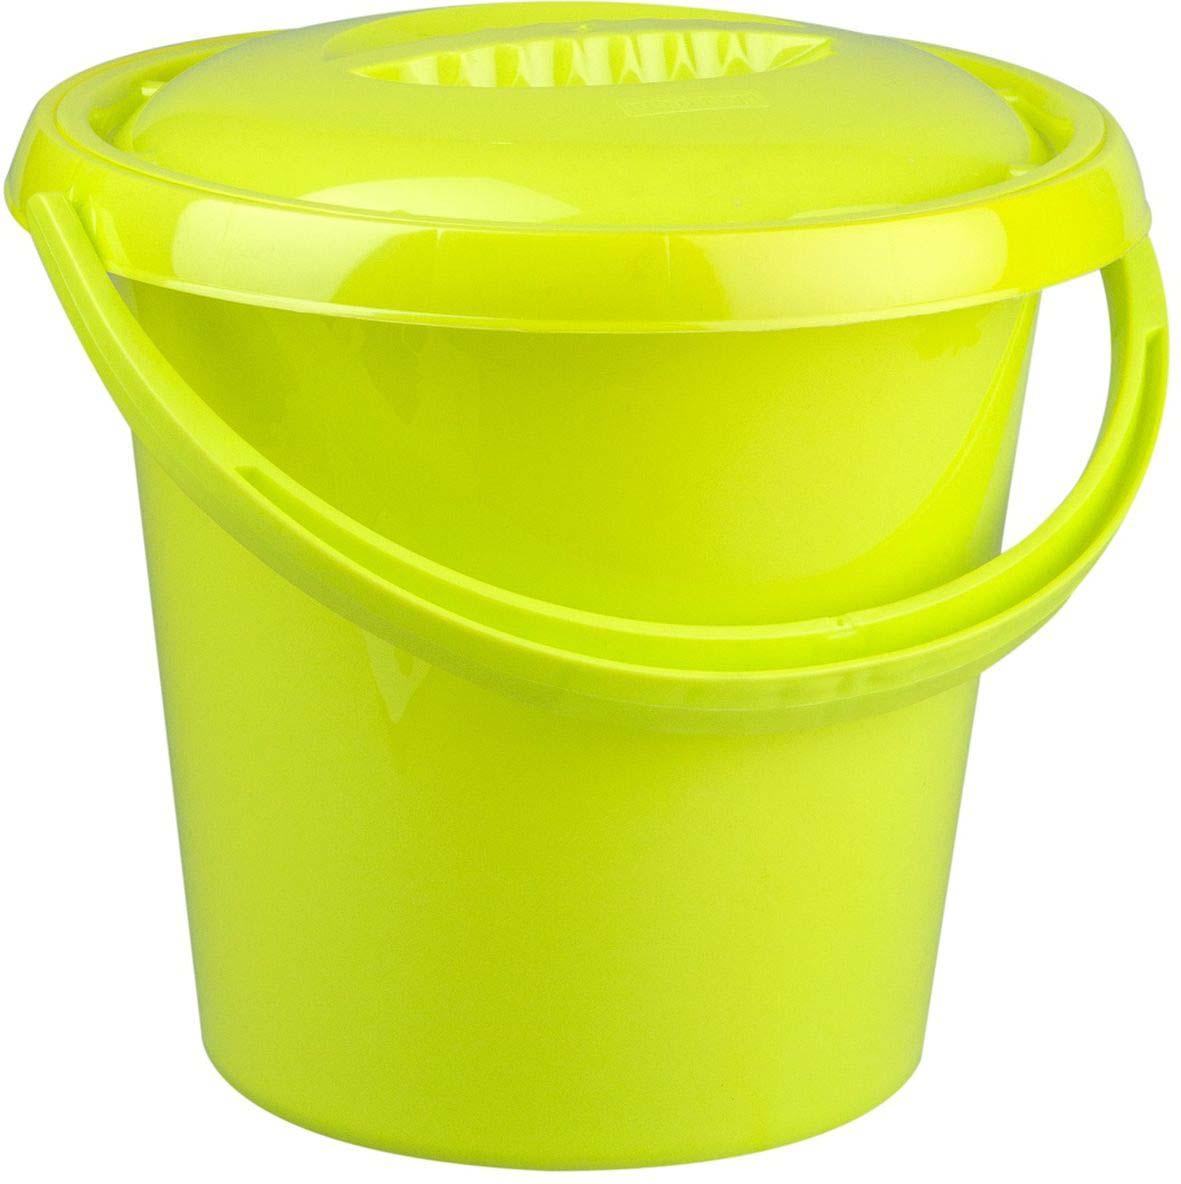 Ведро Plast Team Ampari, с крышкой, цвет: лаймовый, 10 л